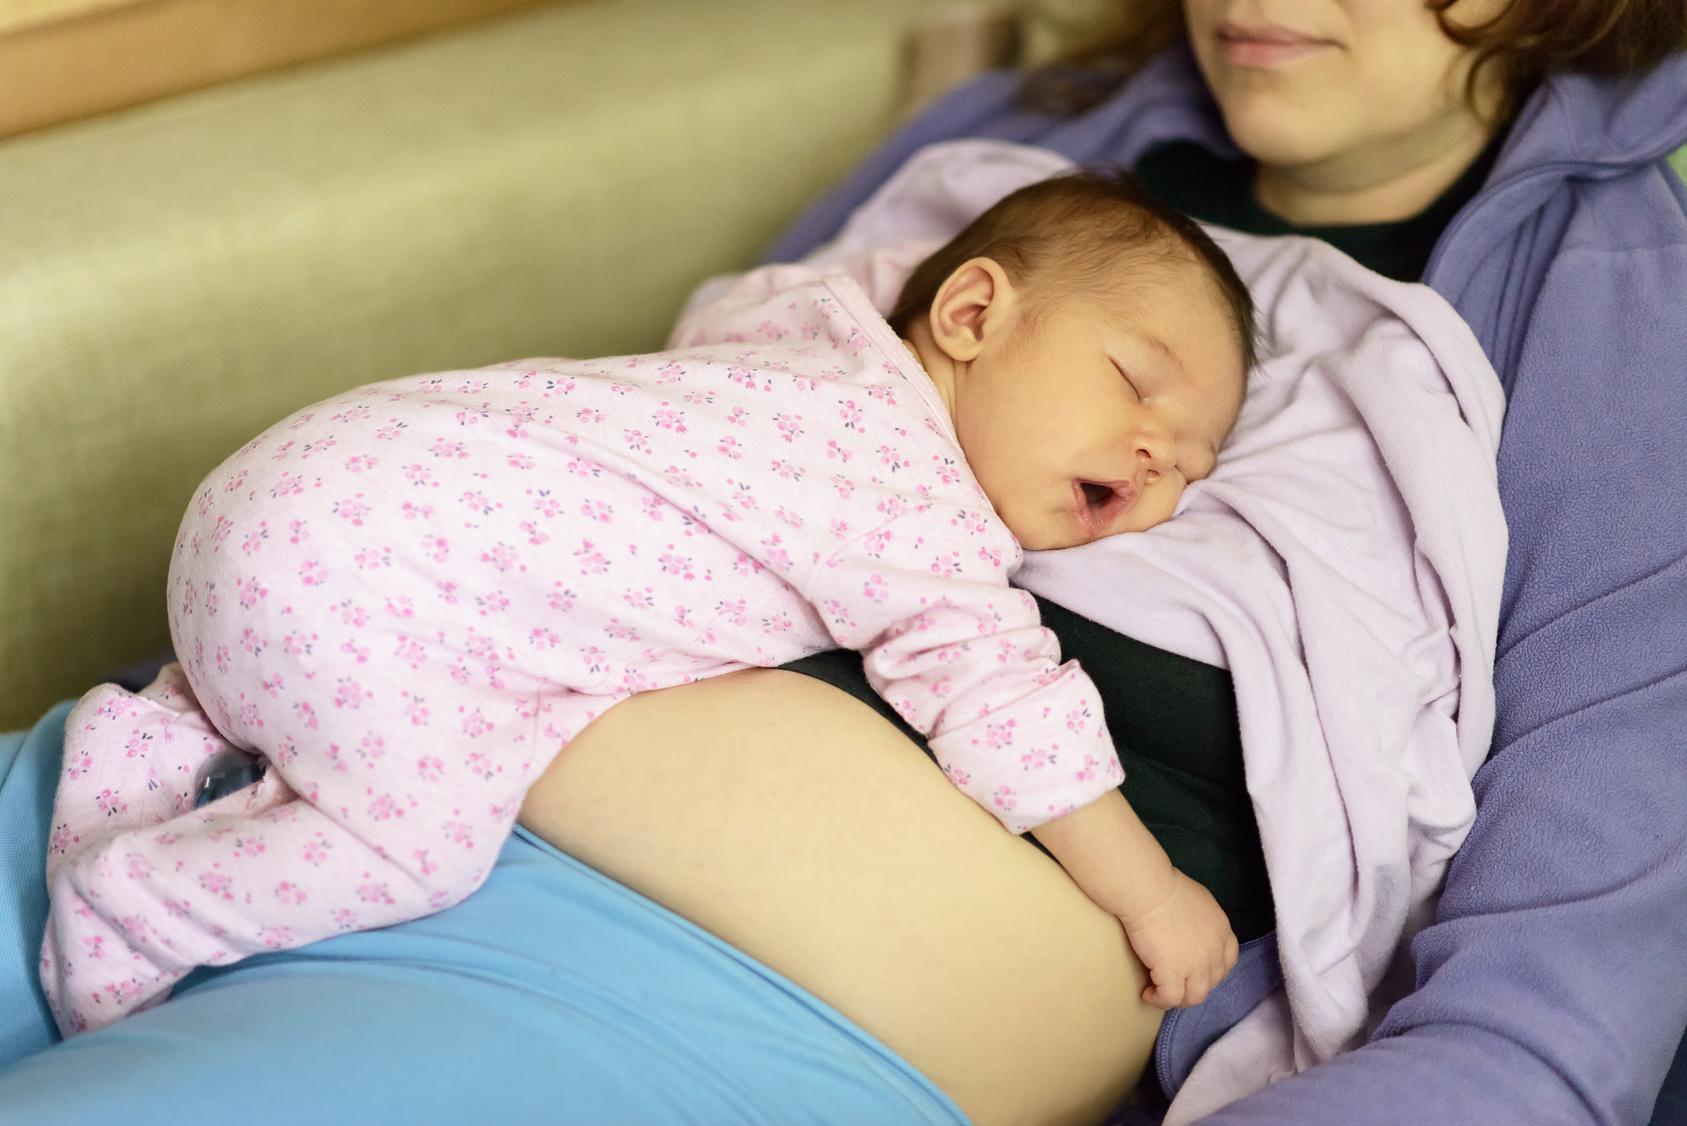 Ребенок постоянно переворачивается на живот во сне и просыпается что делать